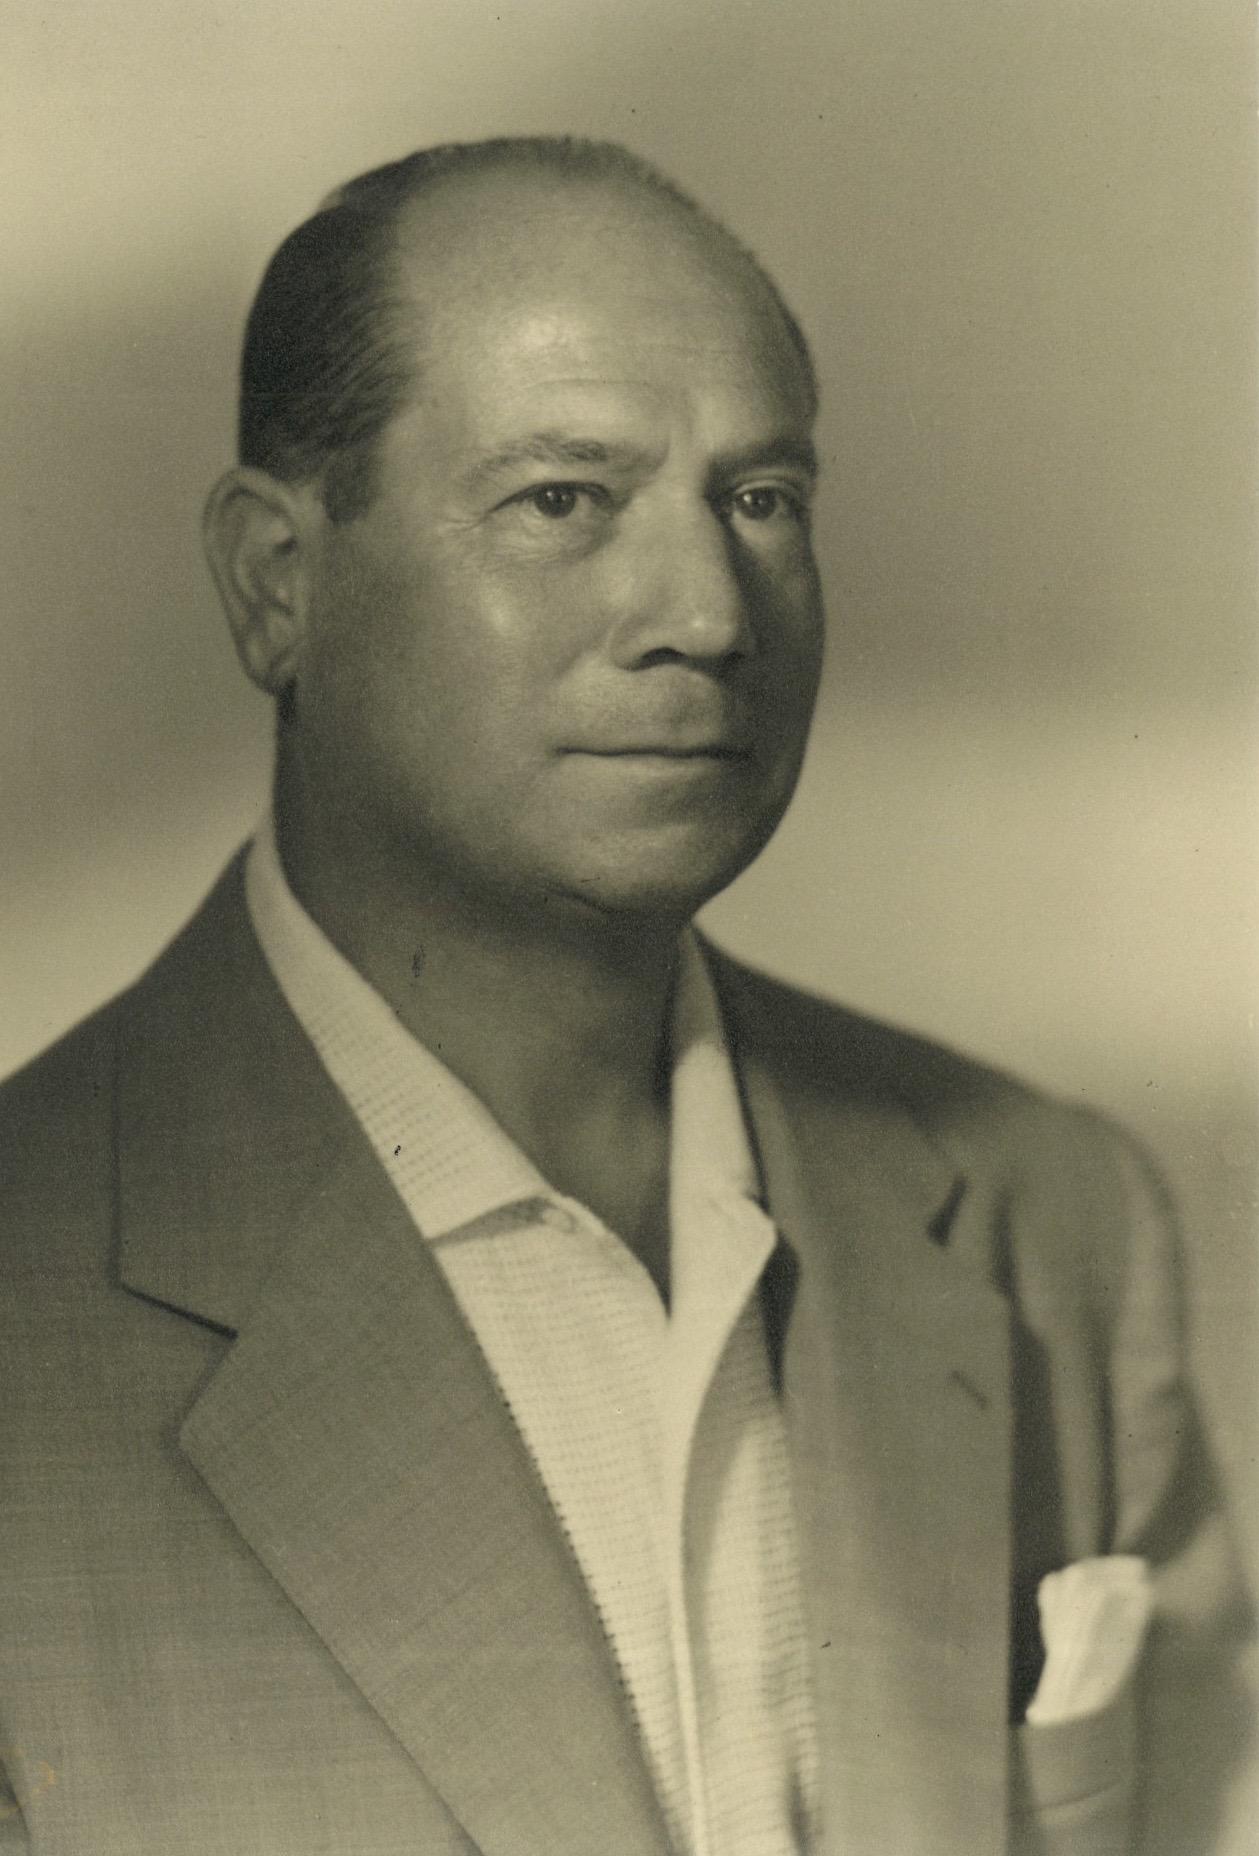 Roger Wentz